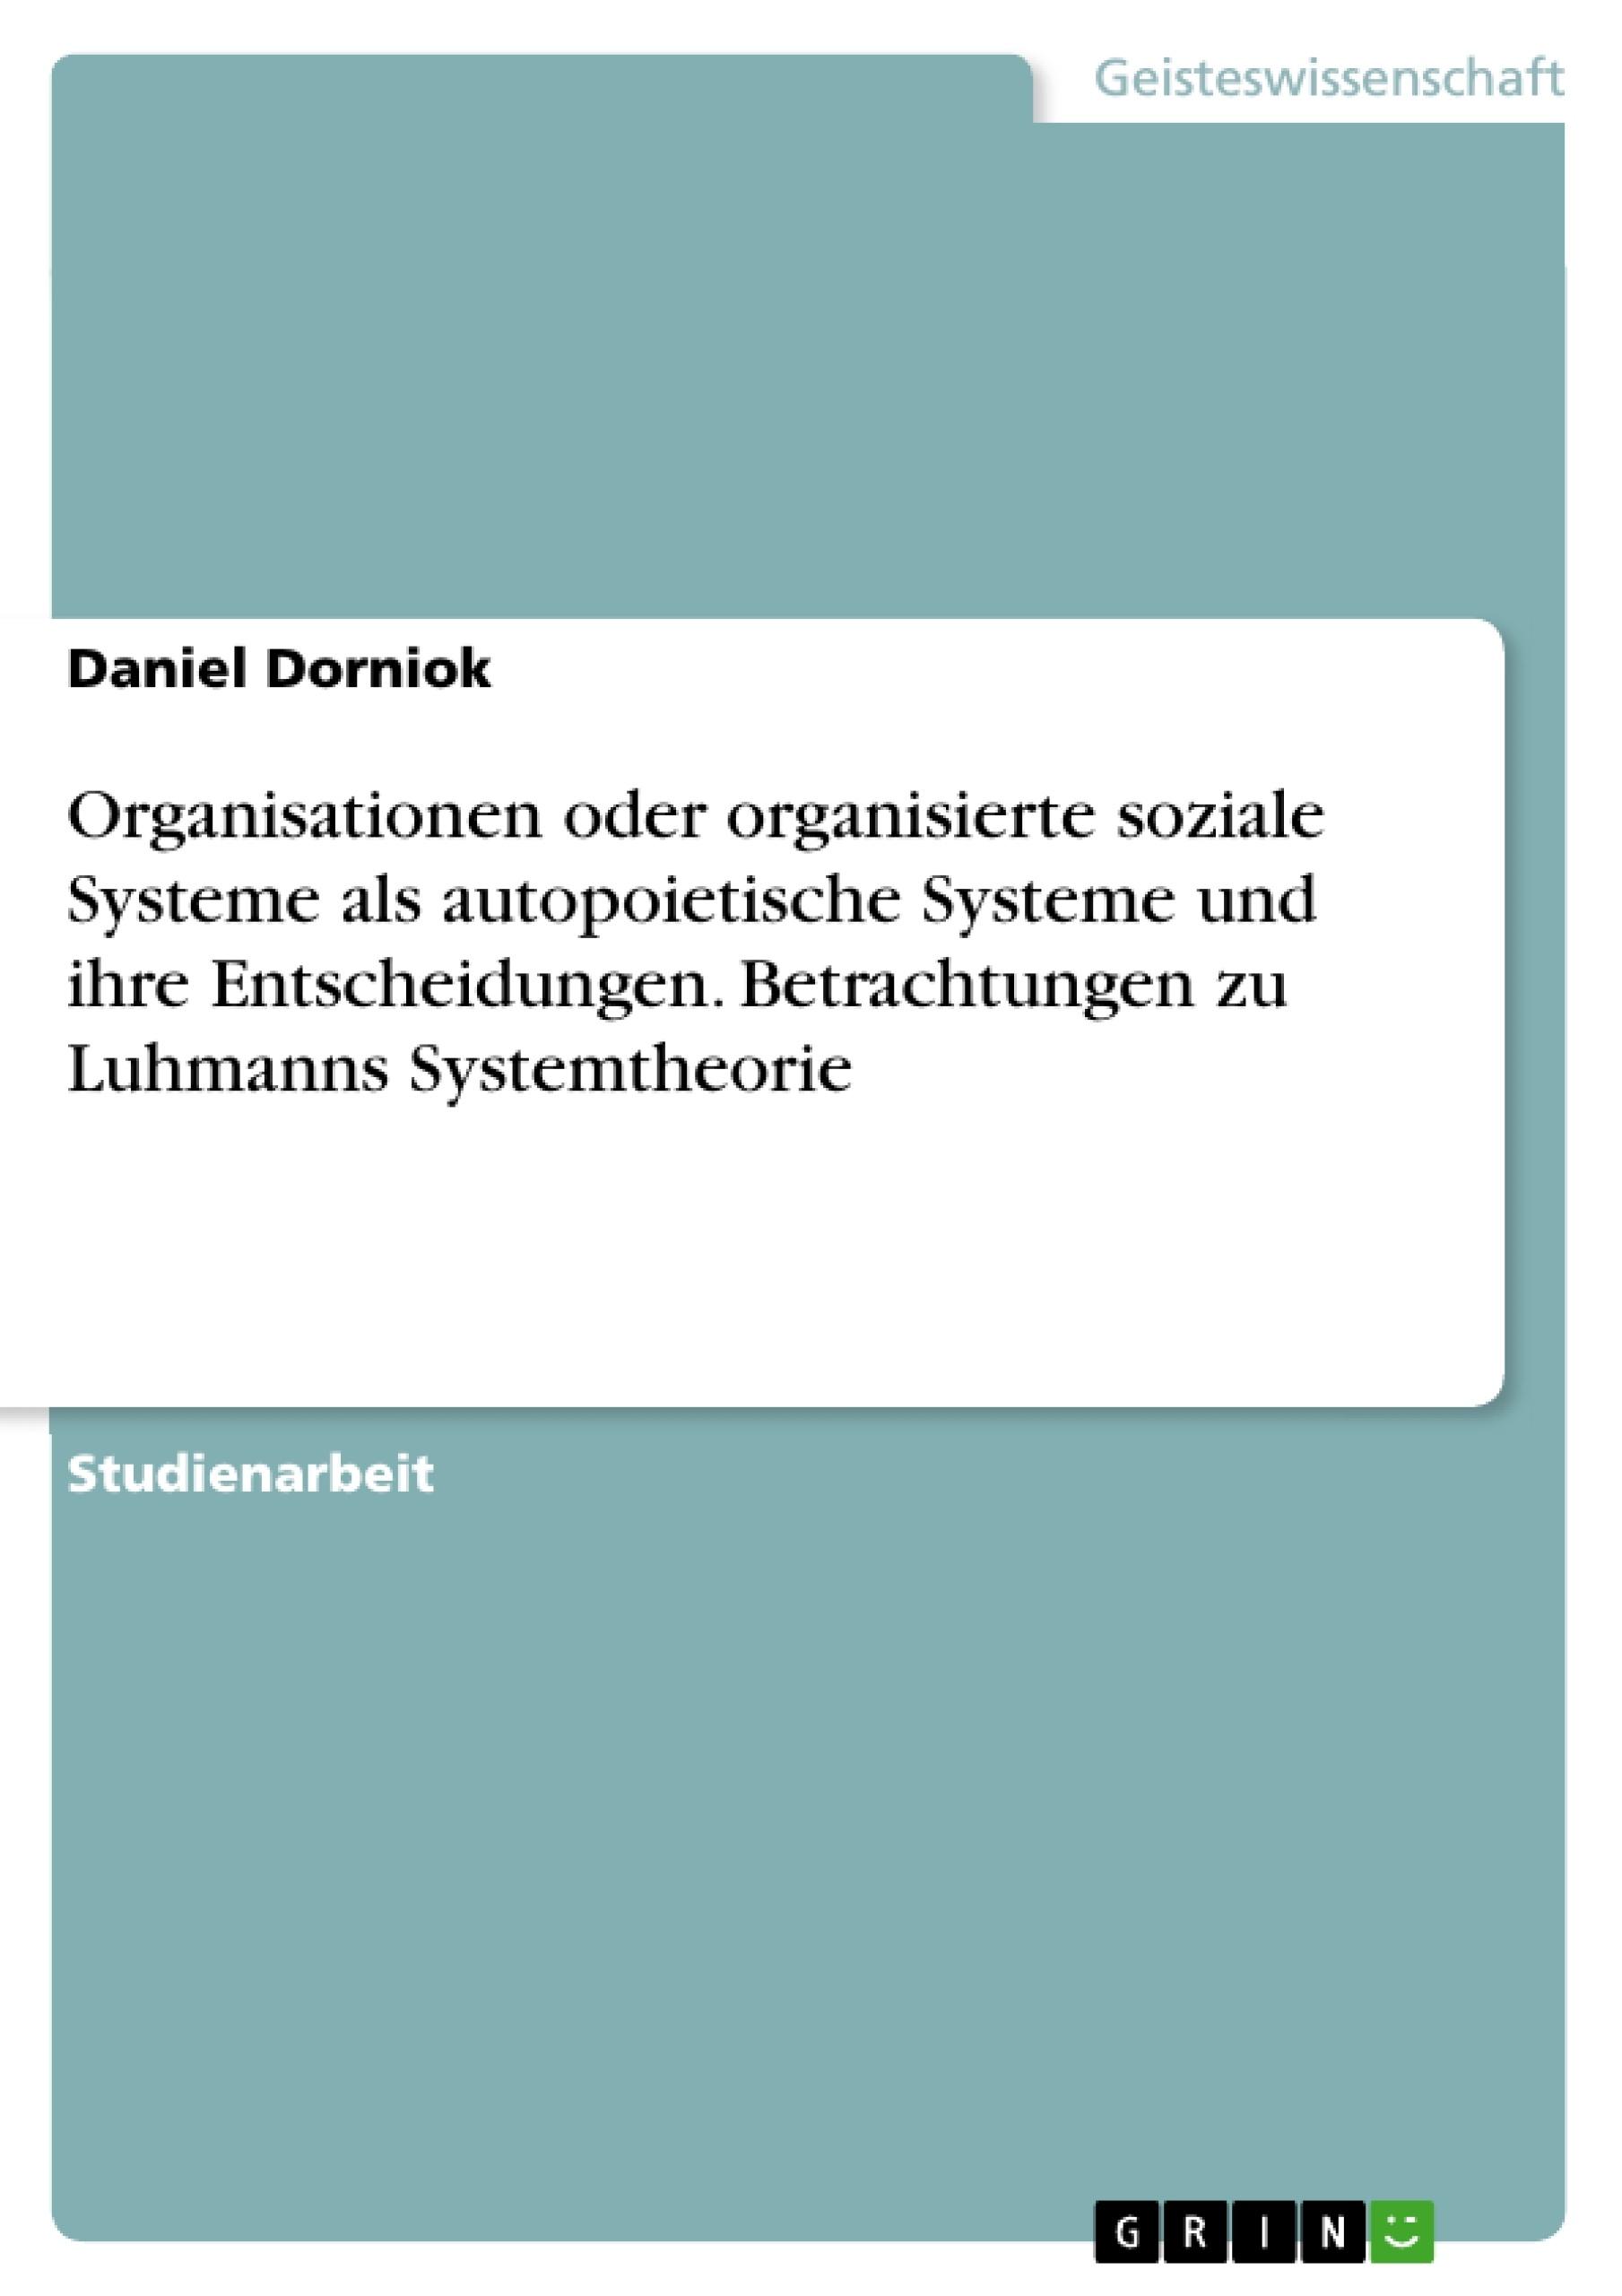 Titel: Organisationen oder organisierte soziale Systeme als autopoietische Systeme und ihre Entscheidungen. Betrachtungen zu Luhmanns Systemtheorie